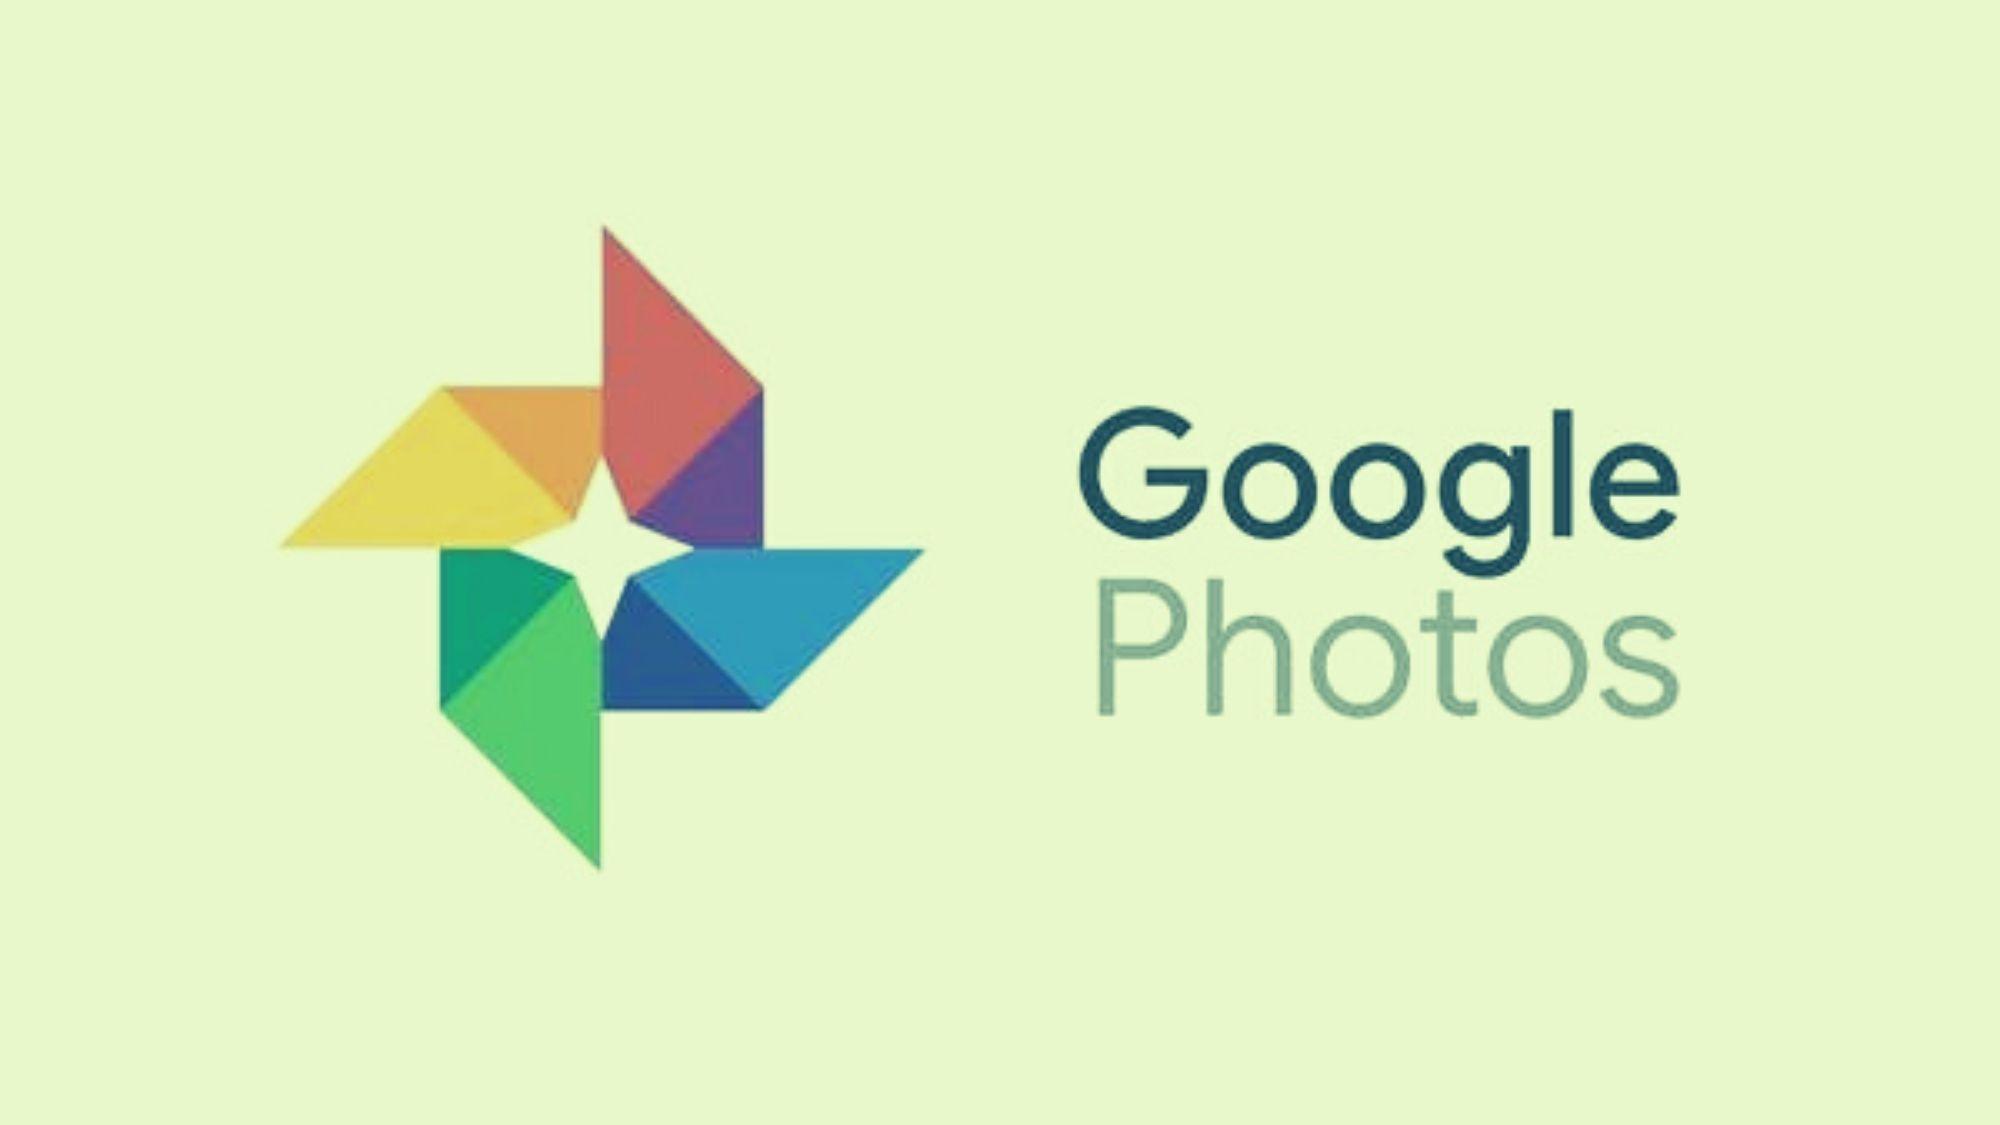 גוגל פוטוז – מחסן התמונות (החינמי) של הוועד